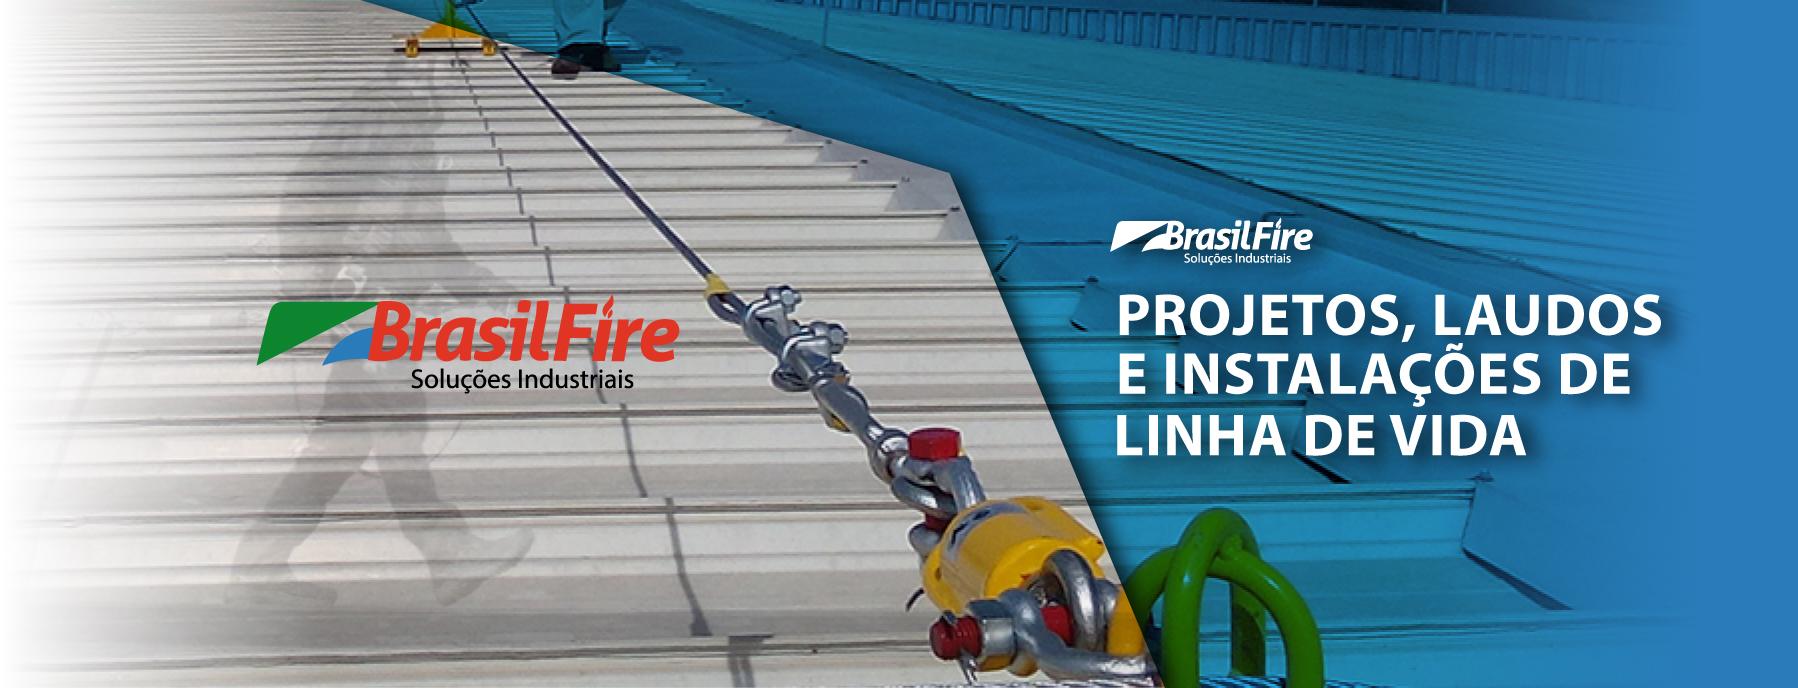 banner-linha-de-vida-brasil-fire